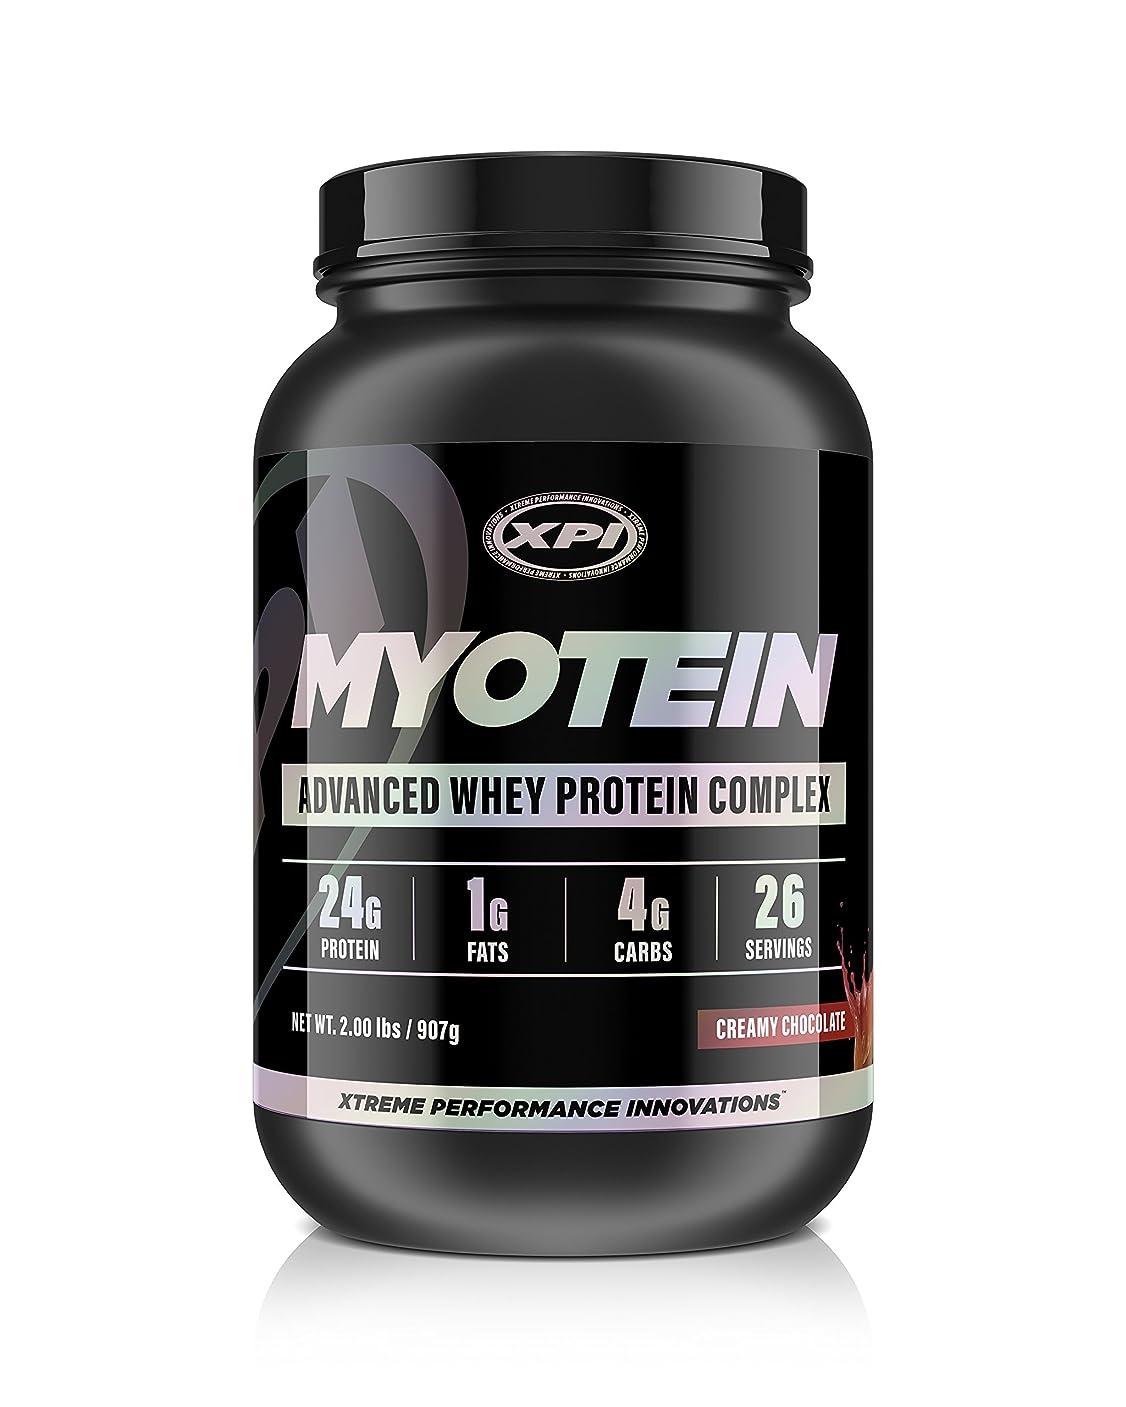 XPI Supplements ミオテインプロテインパウダー(クリーミーチョコレート、2ポンド) - 最高のホエイプロテインパウダーコンプレックス - グレートテイスティングプロテイン - 加水分解物、分離物、濃縮物、ミセルカゼイン